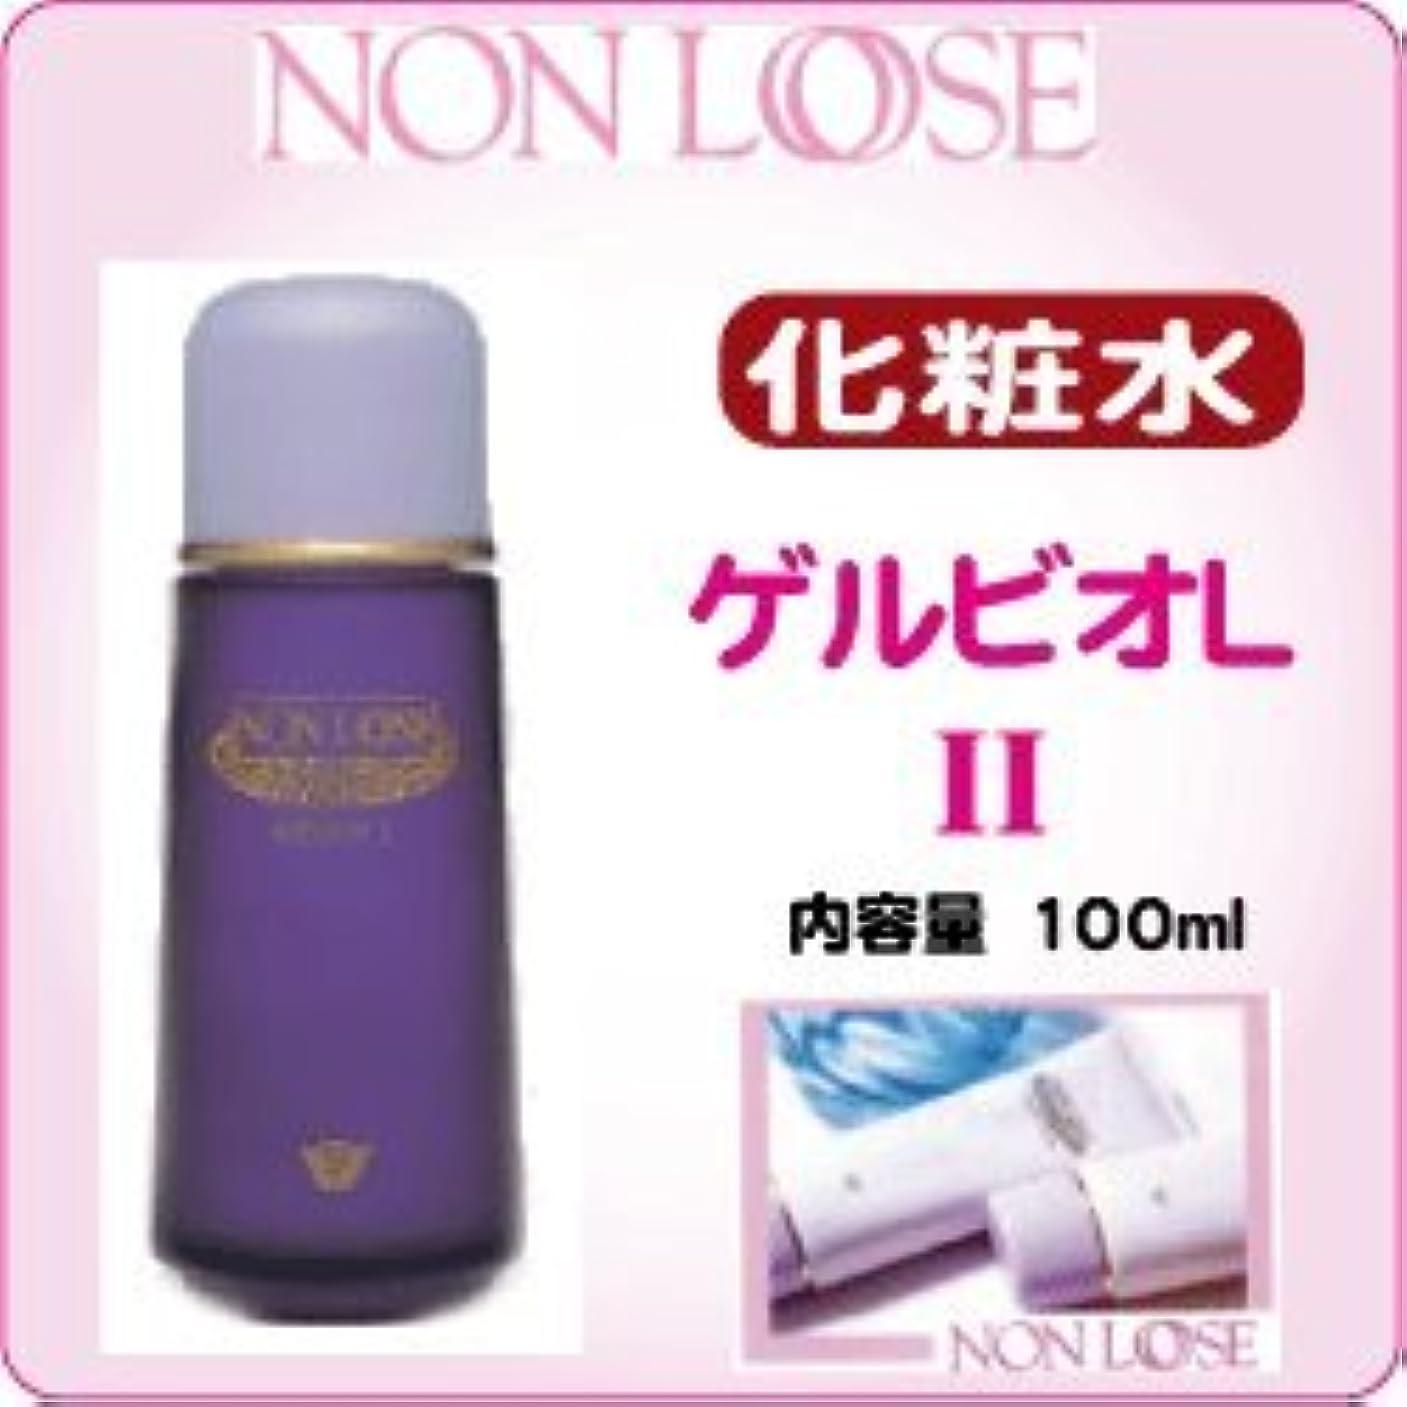 ケニア鉄アトムベルマン化粧品:ゲルビオL-Ⅱ(100ml)